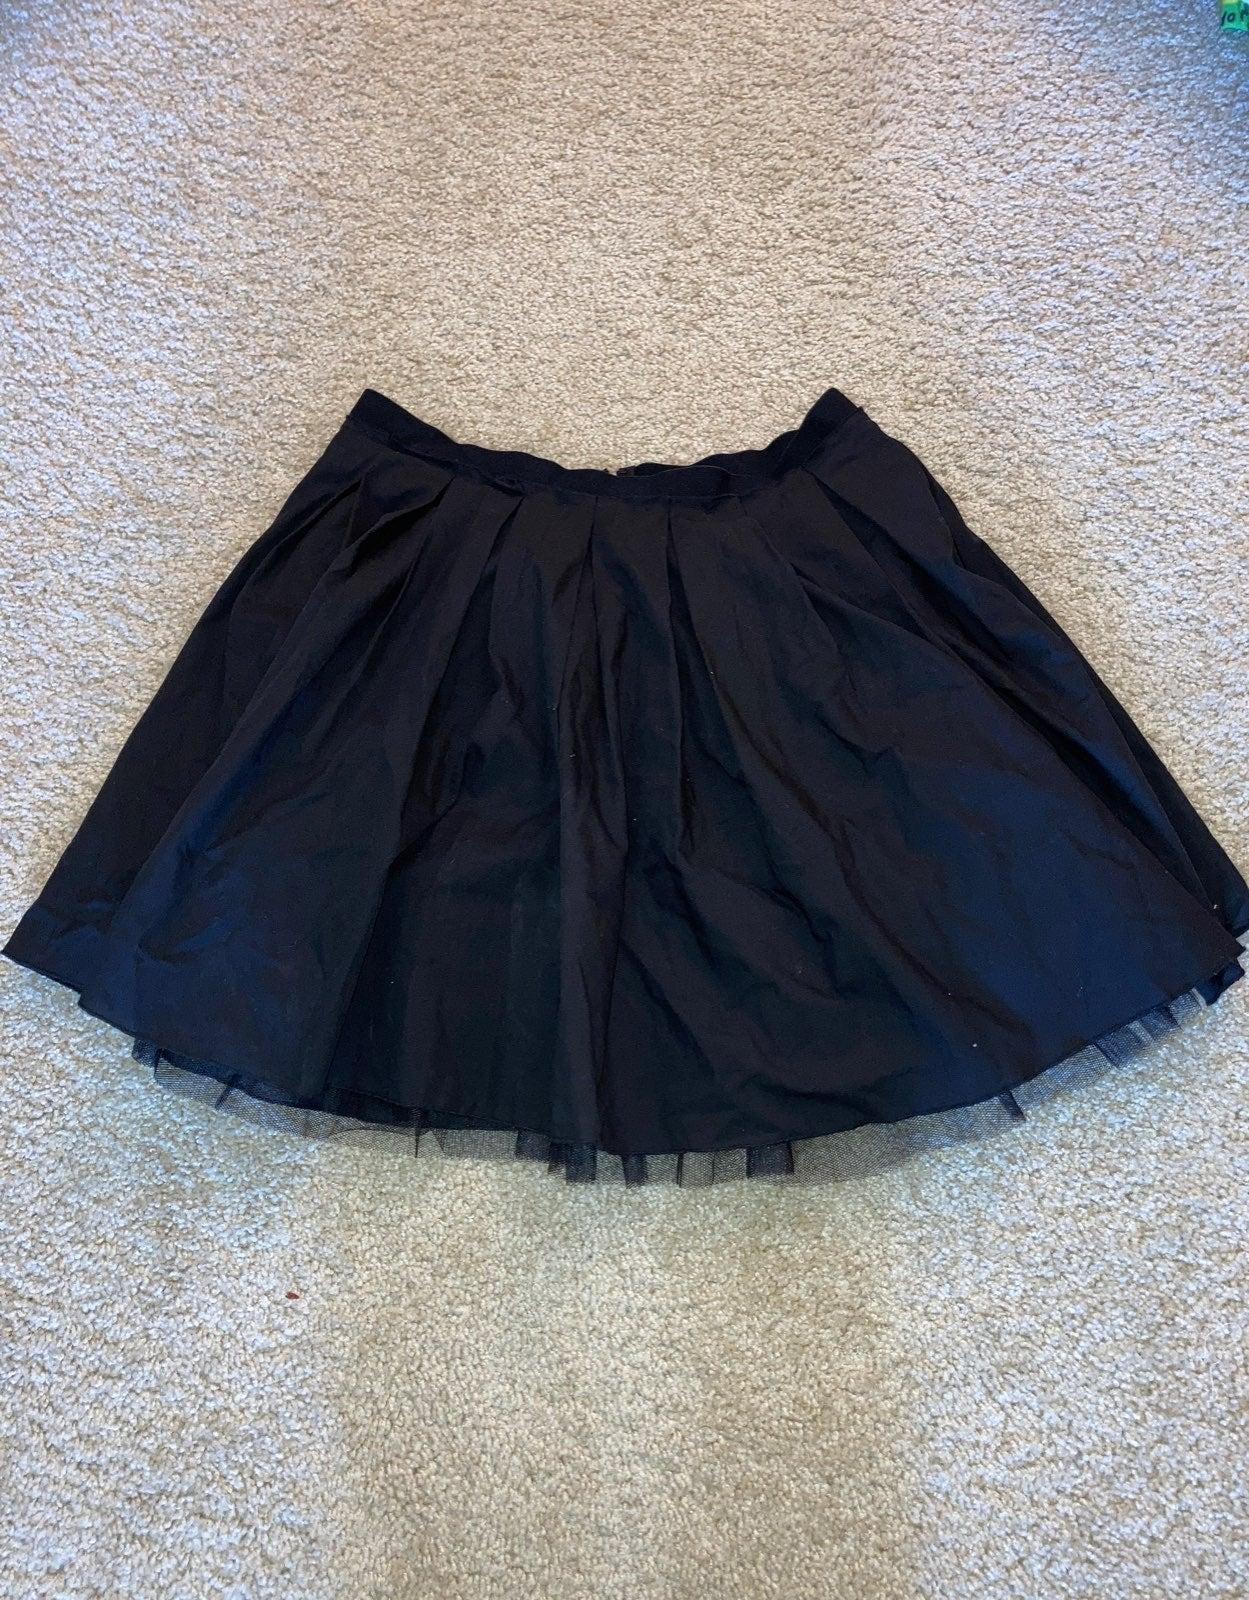 Remain skater skirt with tulle nordstrom